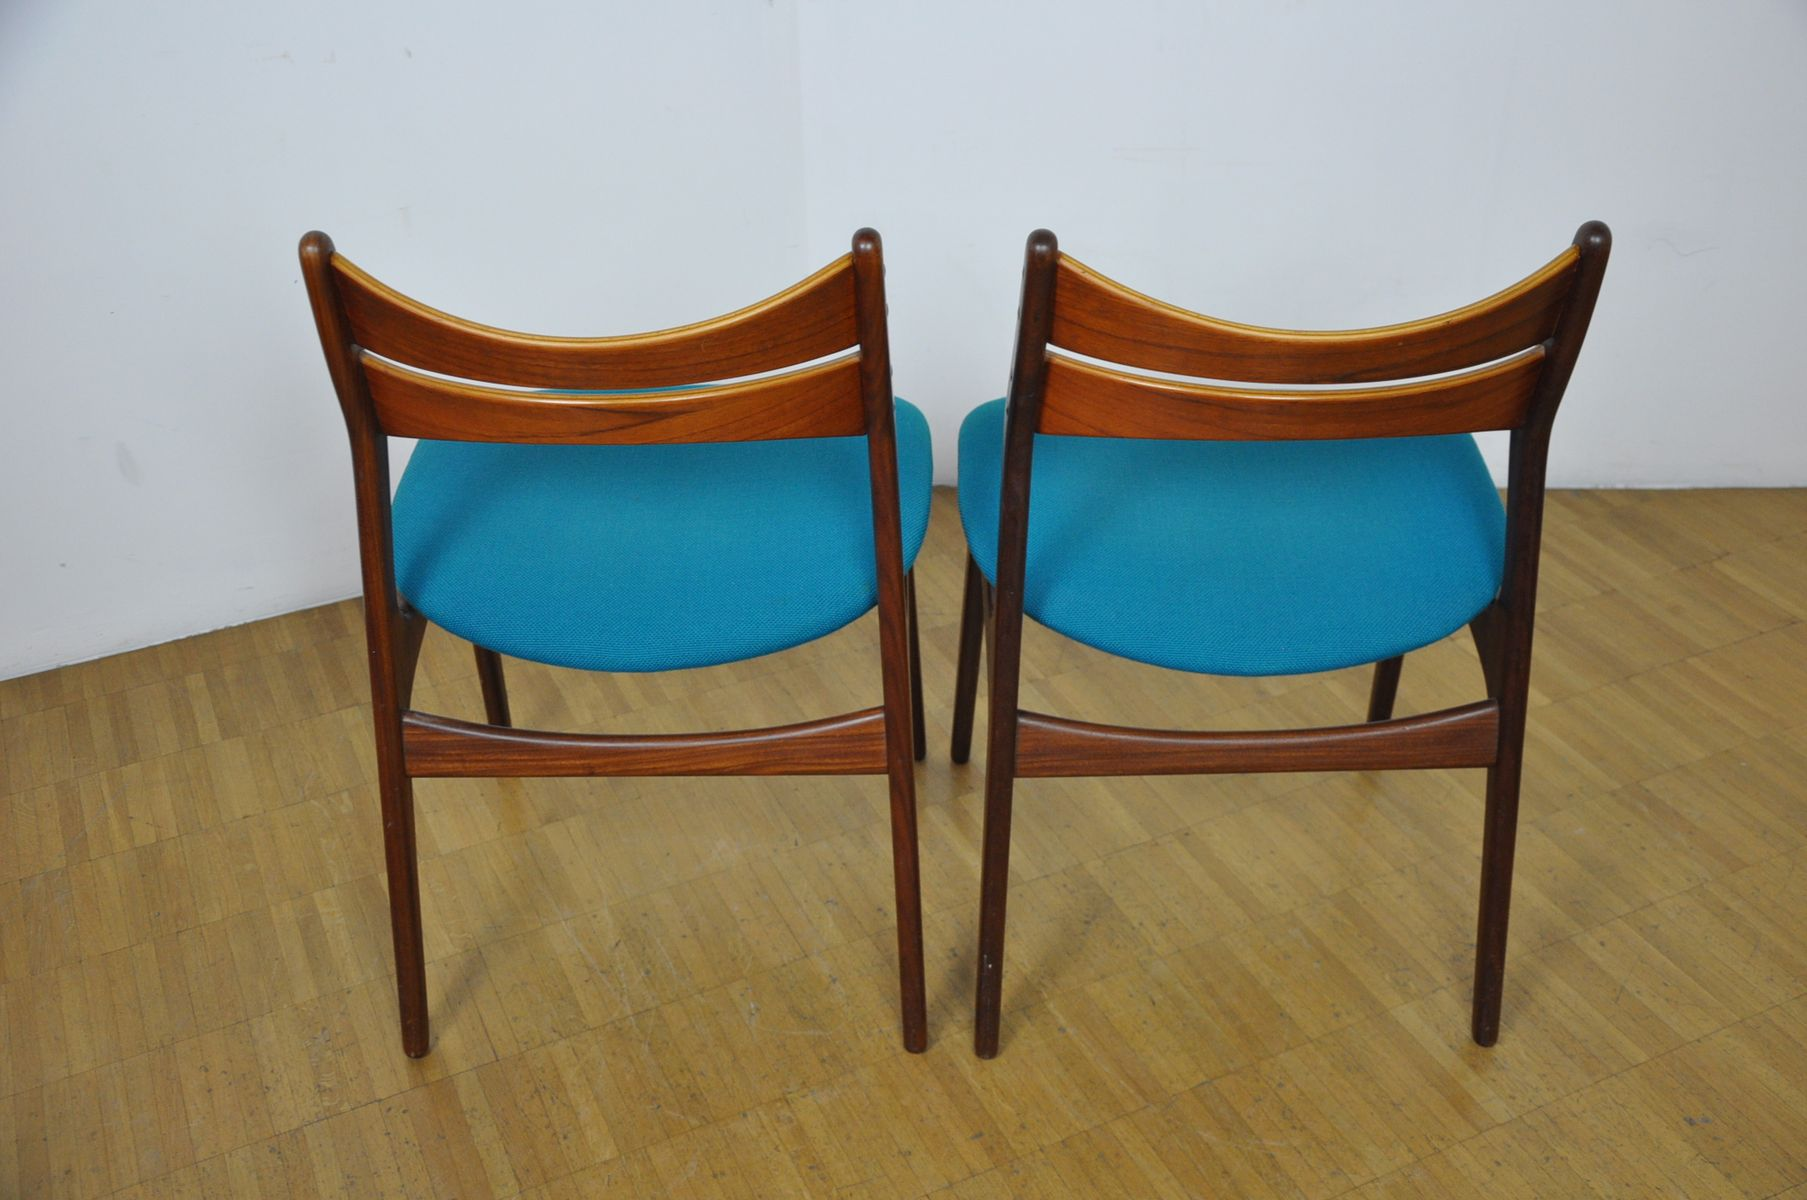 d nische modell 310 st hle von erik buch f r chr christiansen 1950er 4er set bei pamono kaufen. Black Bedroom Furniture Sets. Home Design Ideas